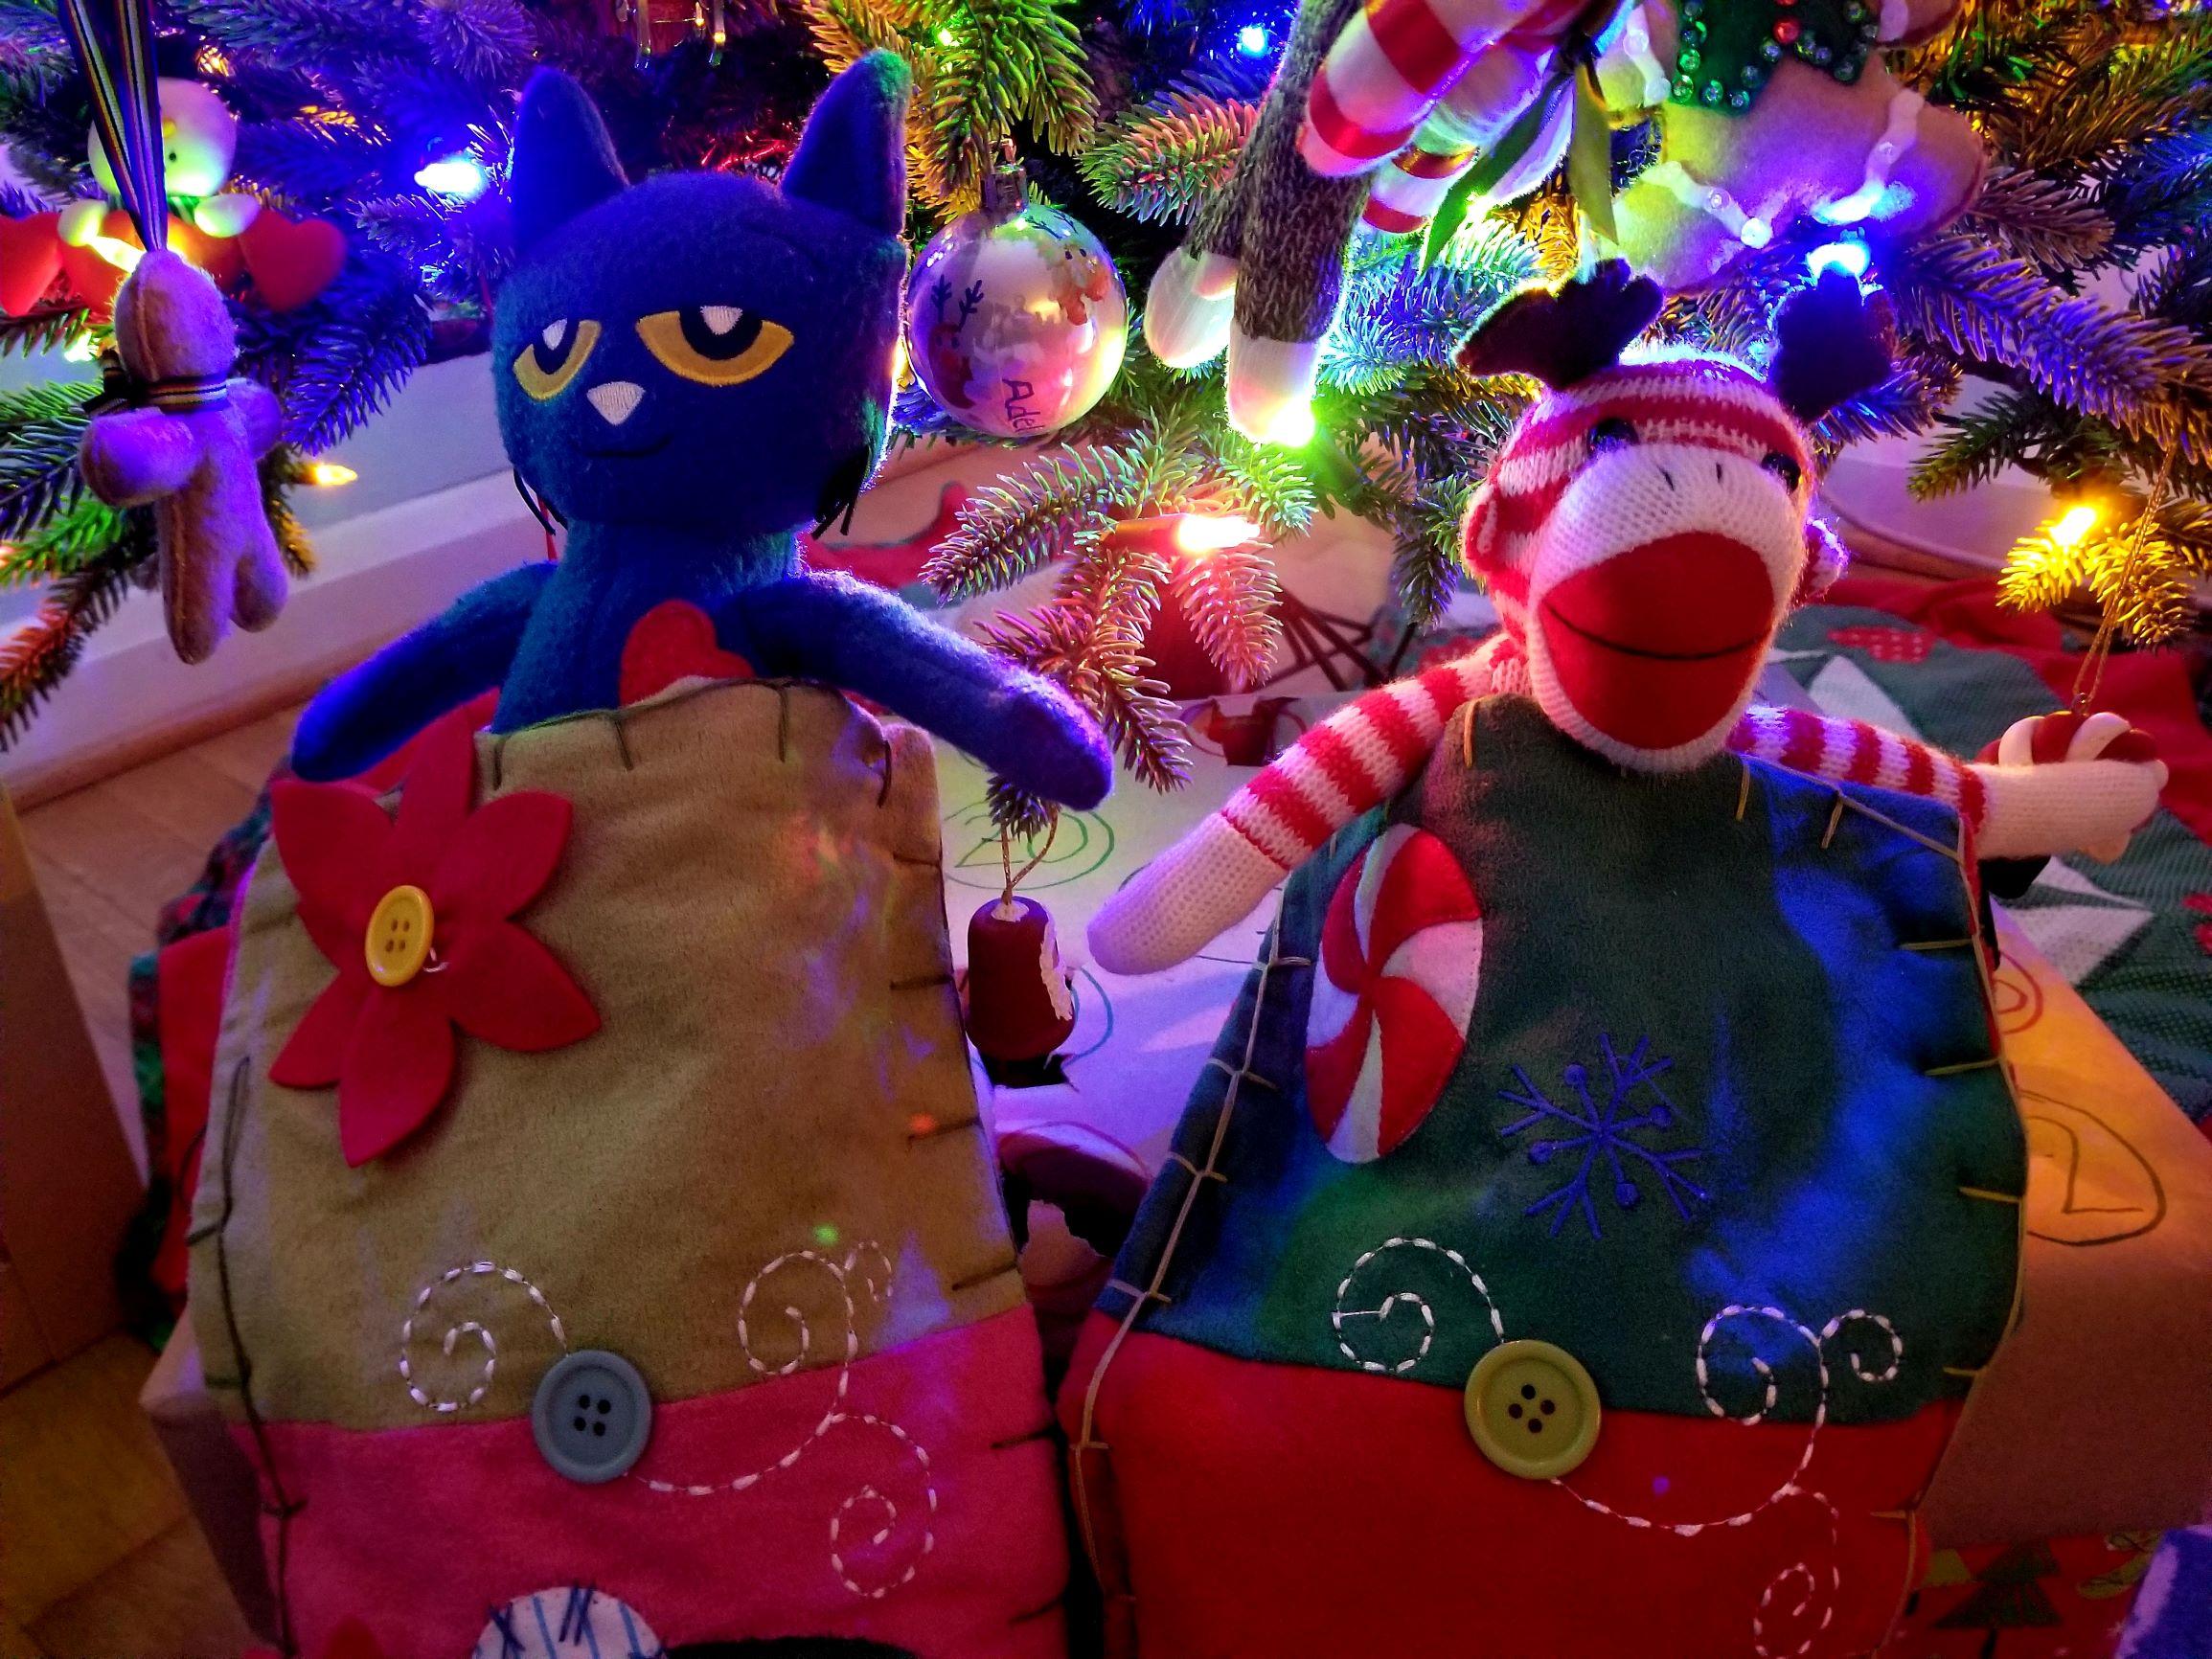 10 Stocking Stuffer Gift Ideas for Kids